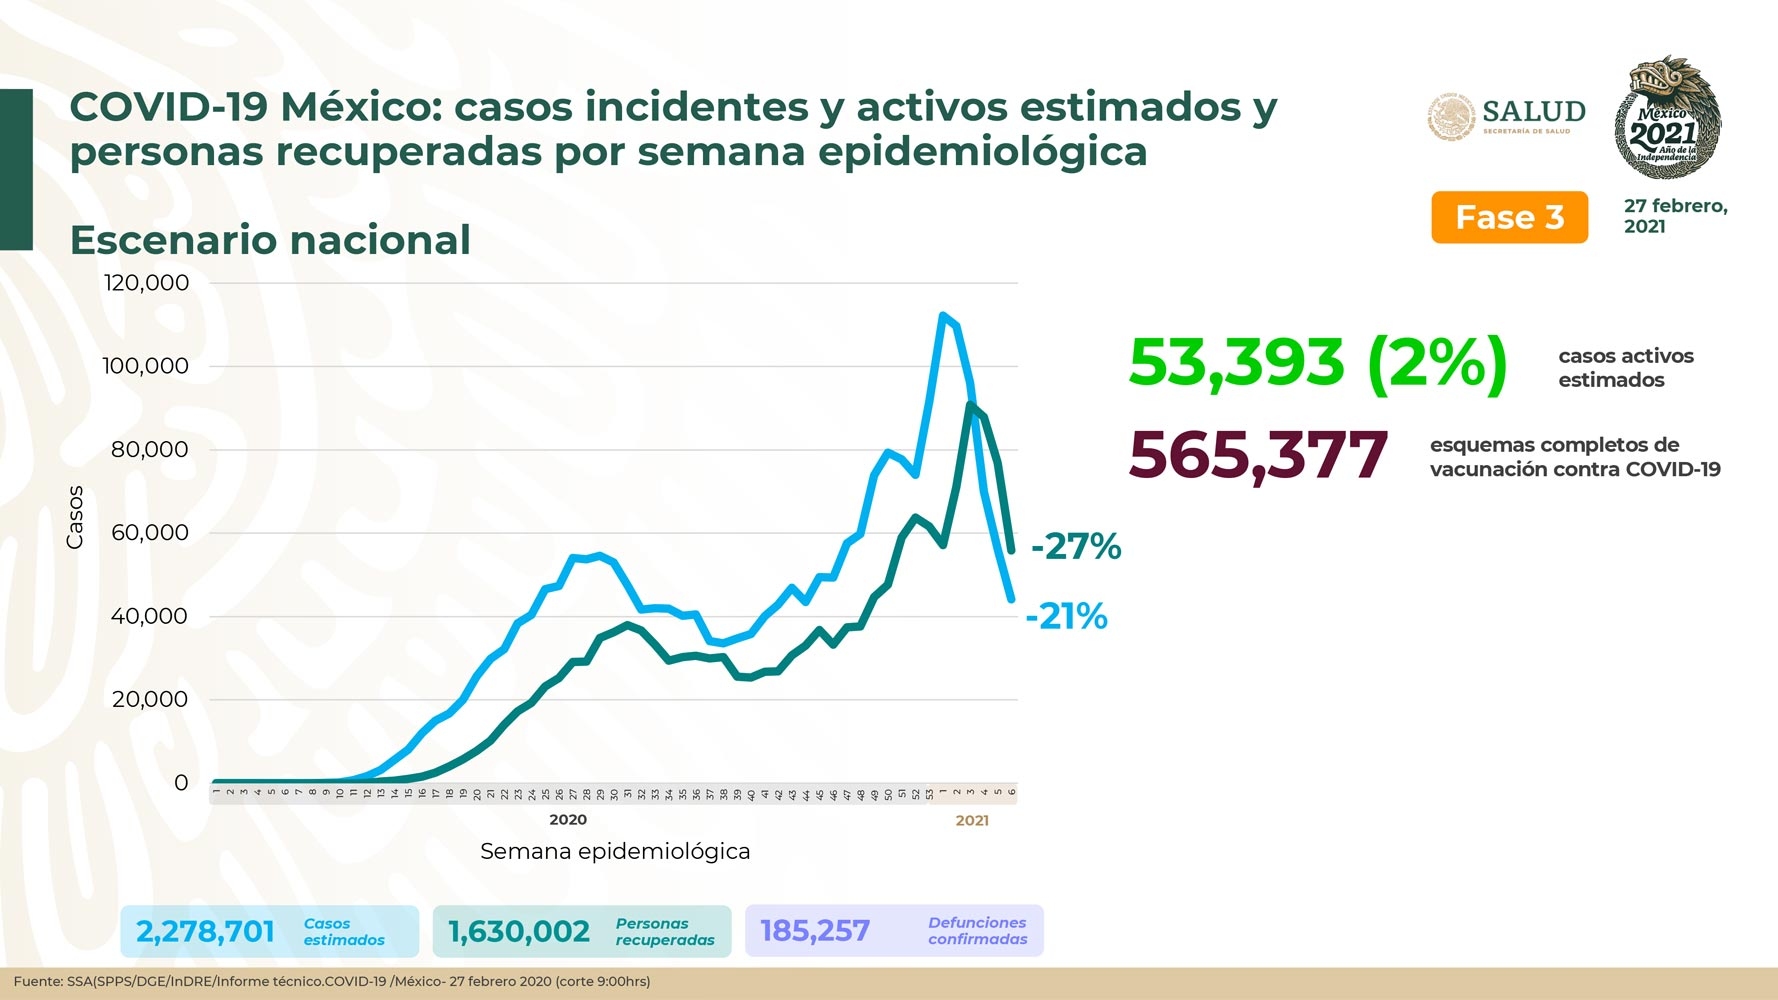 México suma 1,630,002 personas recuperadas de COVID19 y 185,257 defunciones confirmadas